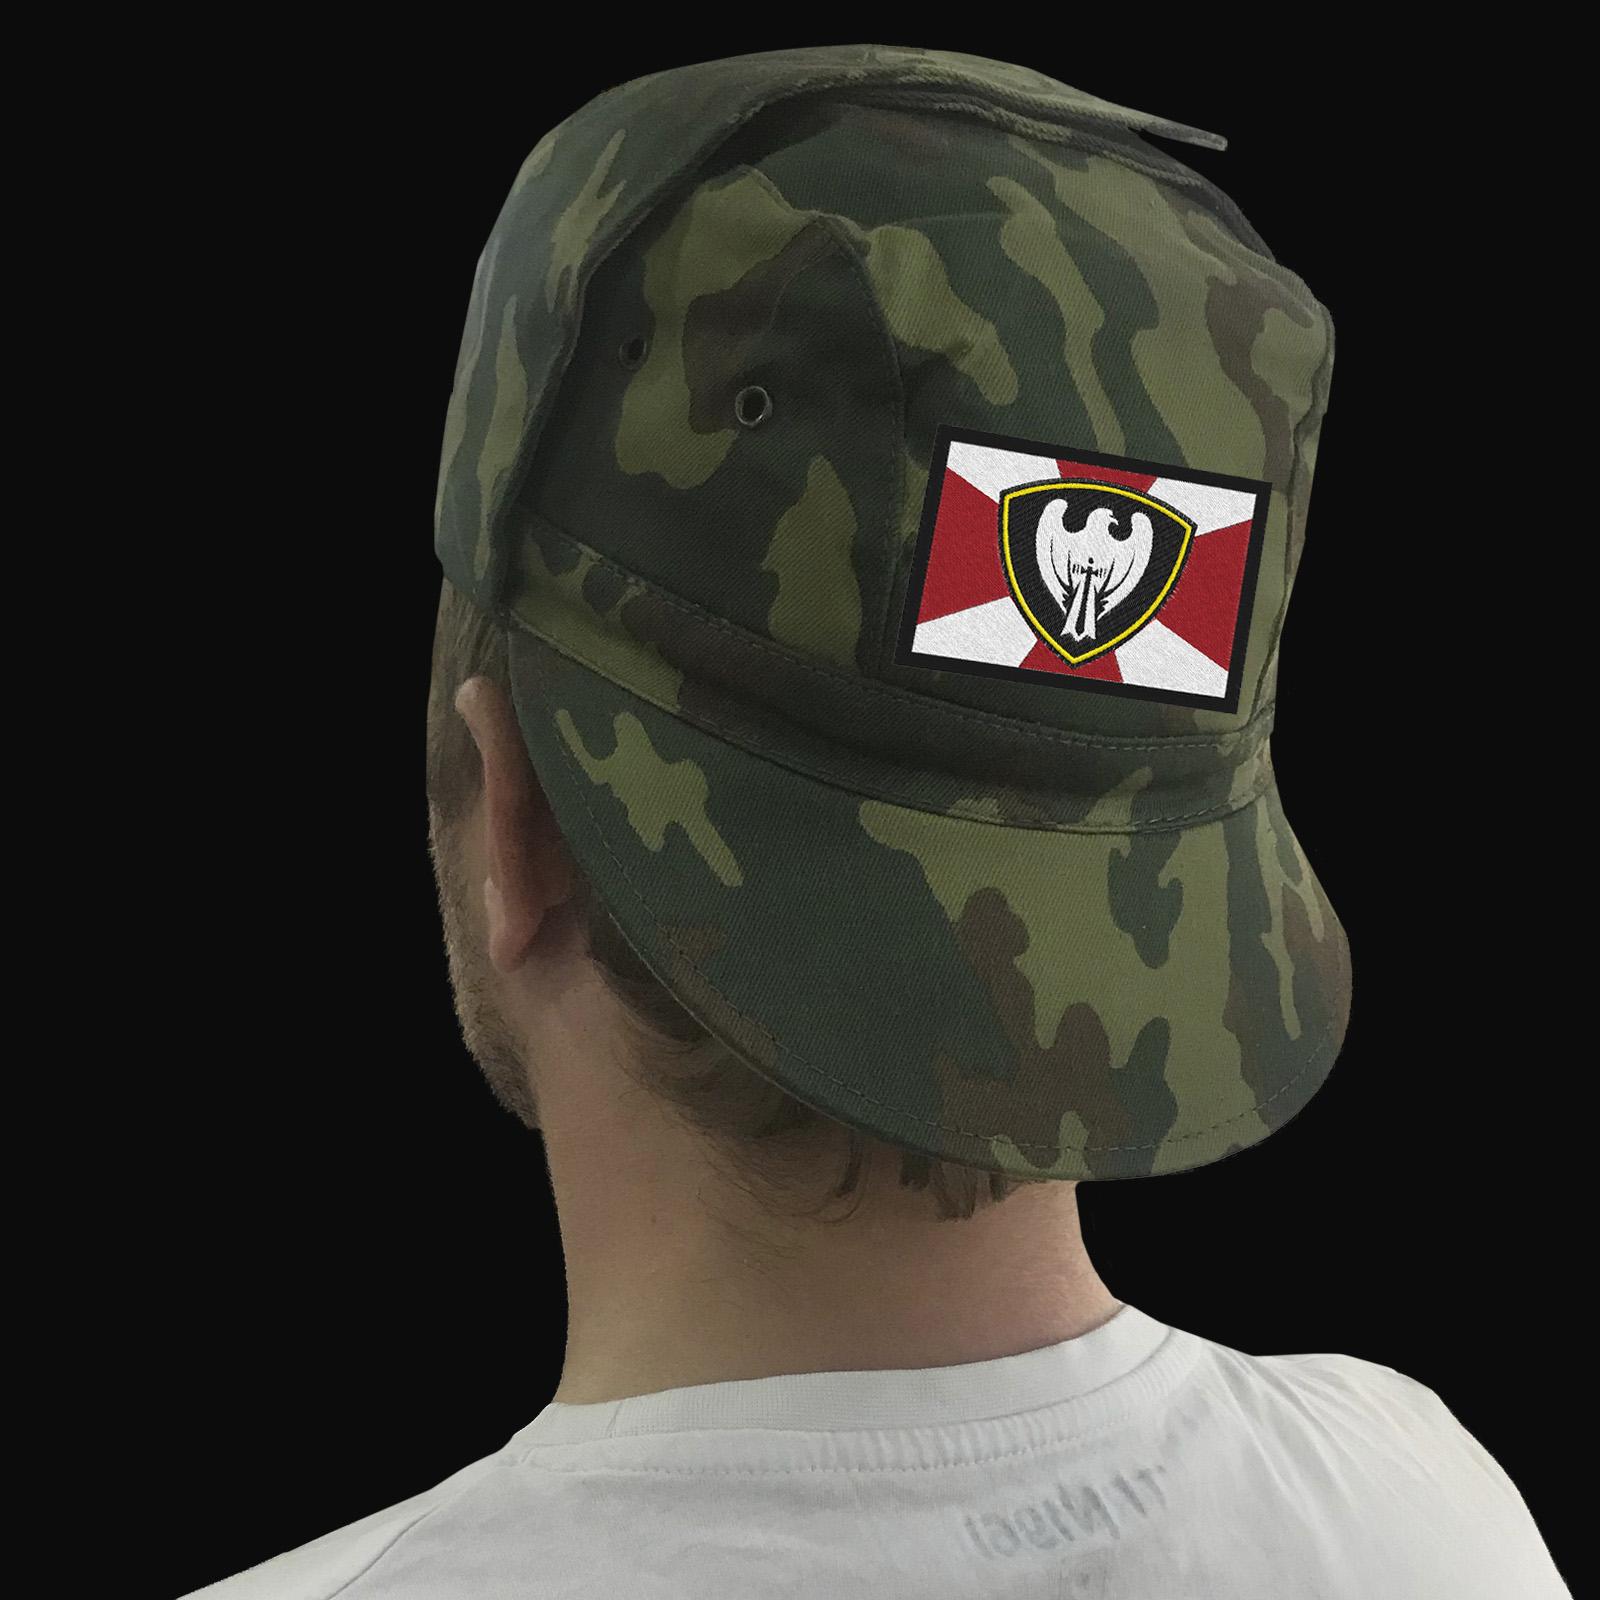 Заказать кепку с вышивкой Московского округа МВД